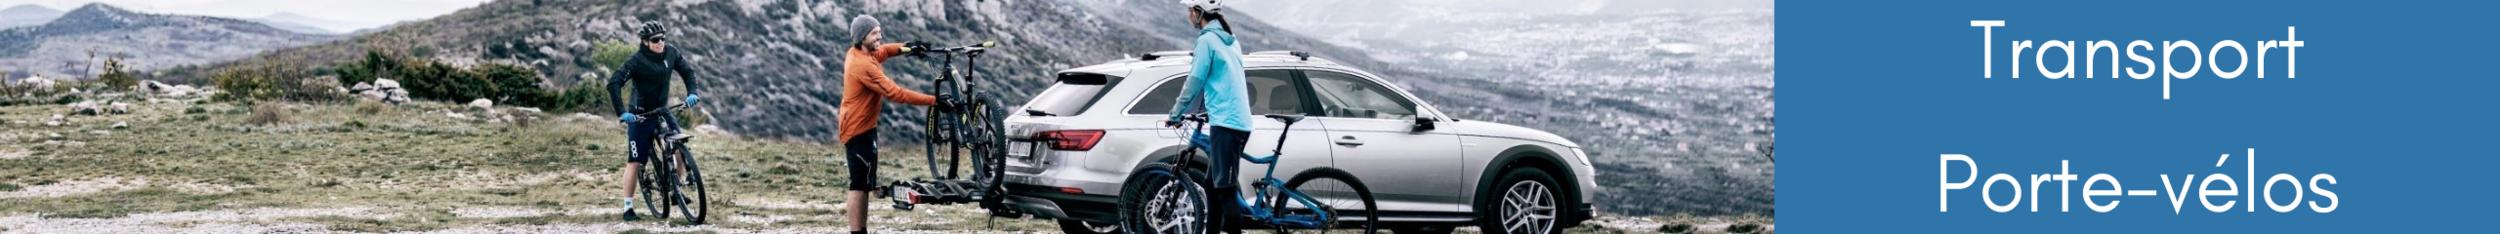 PADL-CATEGORIES-BANNIERES-porte-vélos